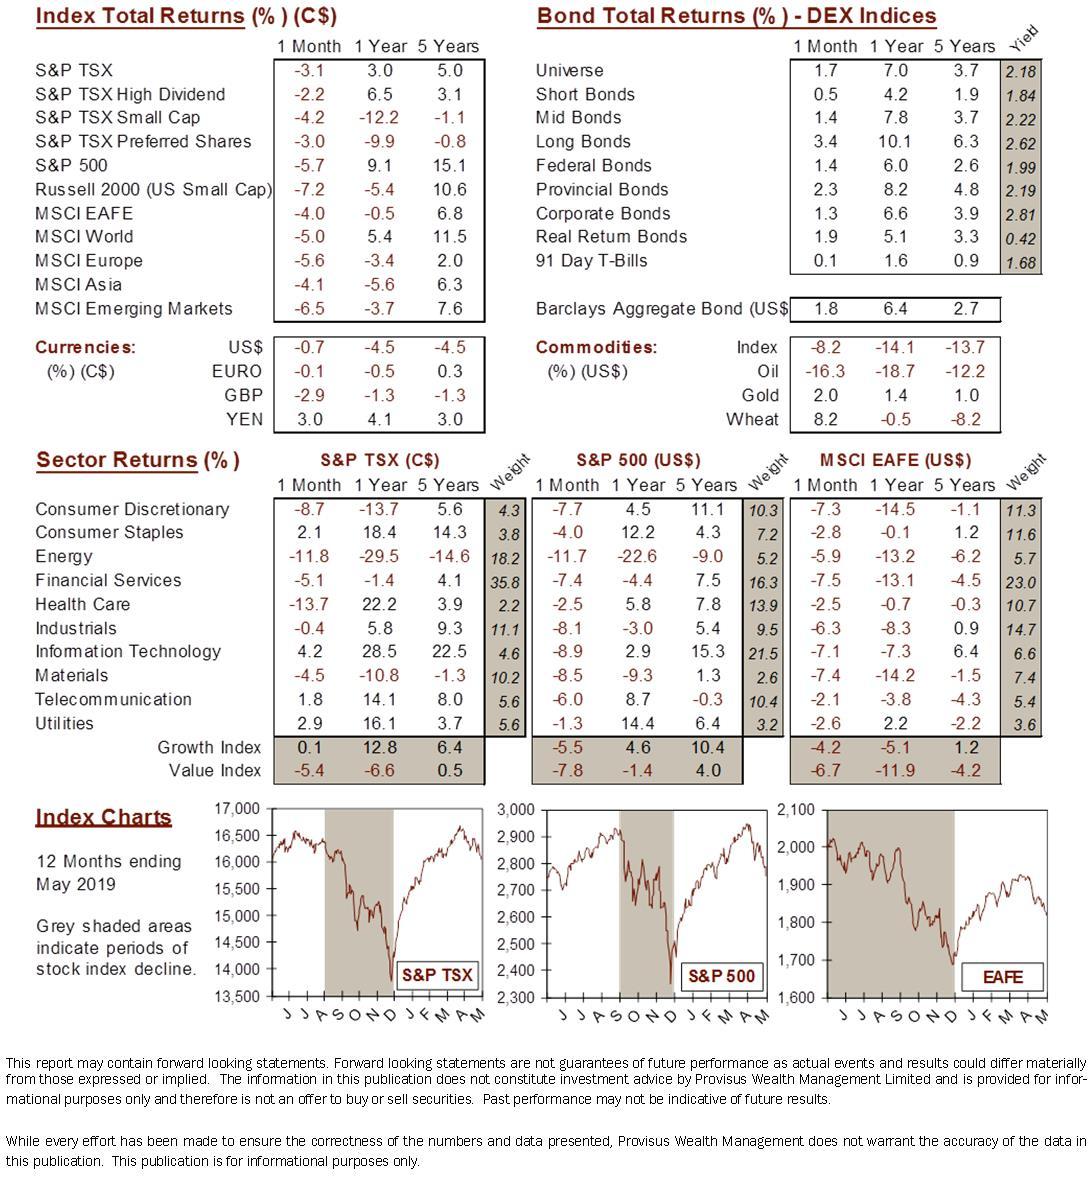 market data image